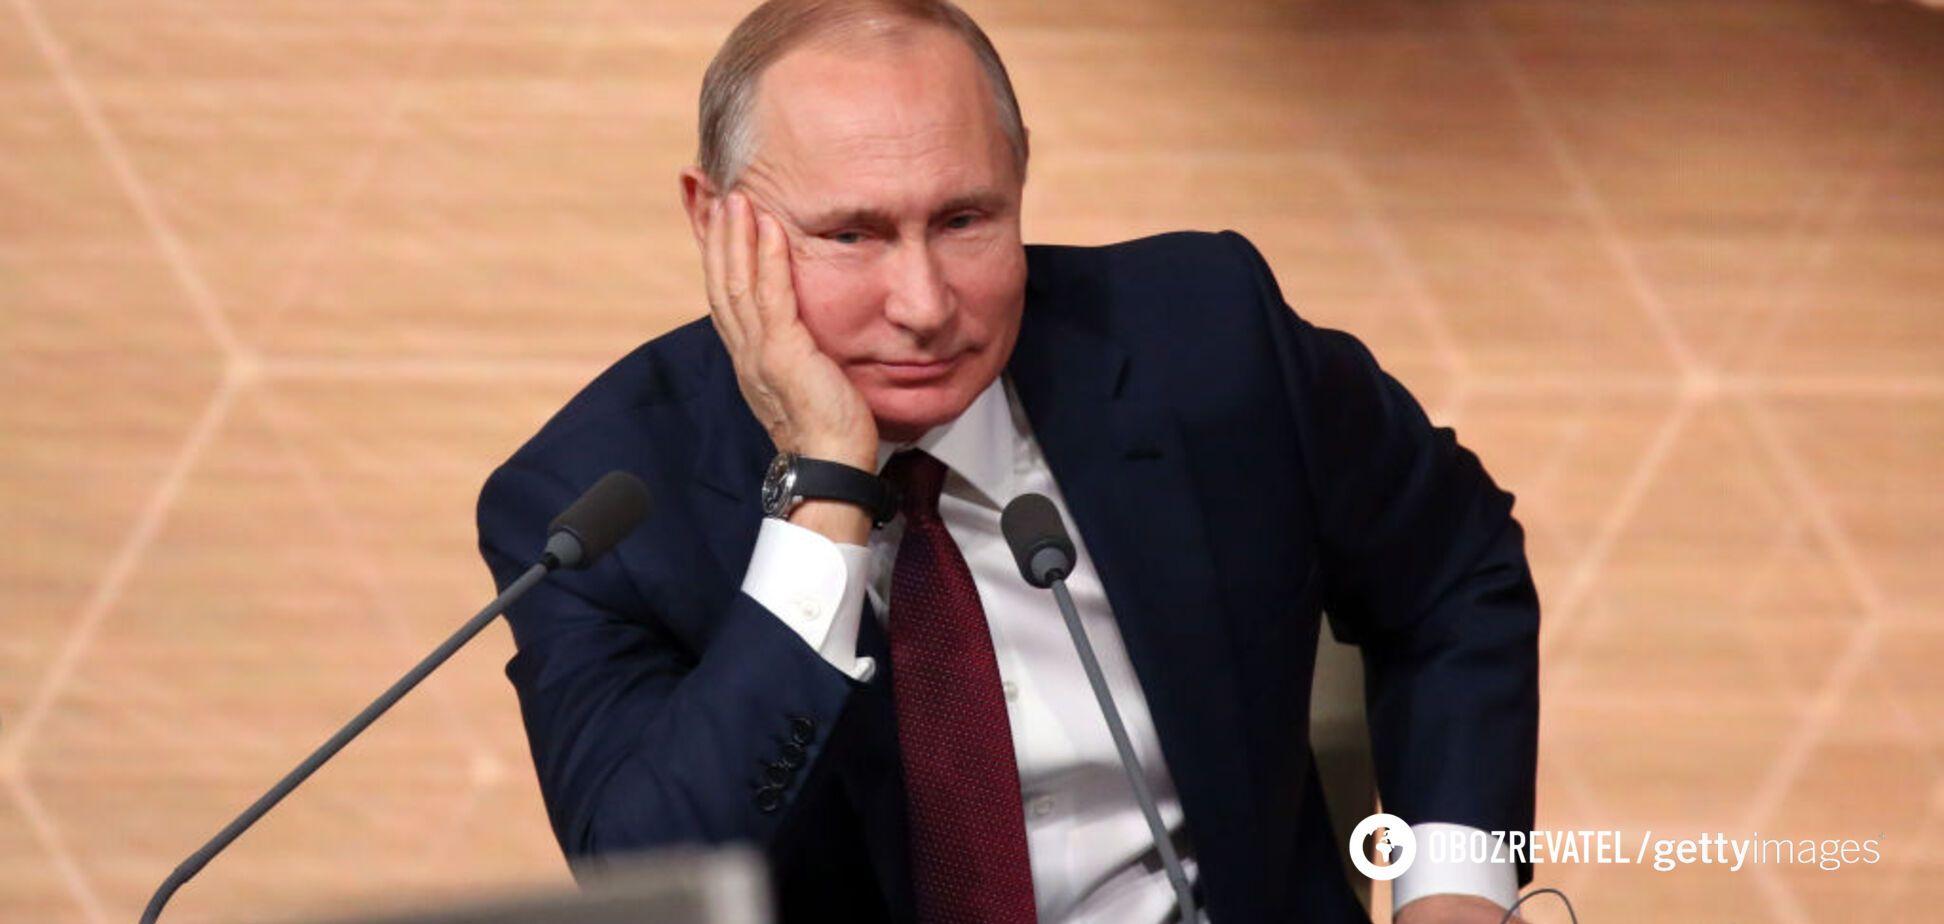 Интервью Путина: вероятность большой войны теперь стала ближе